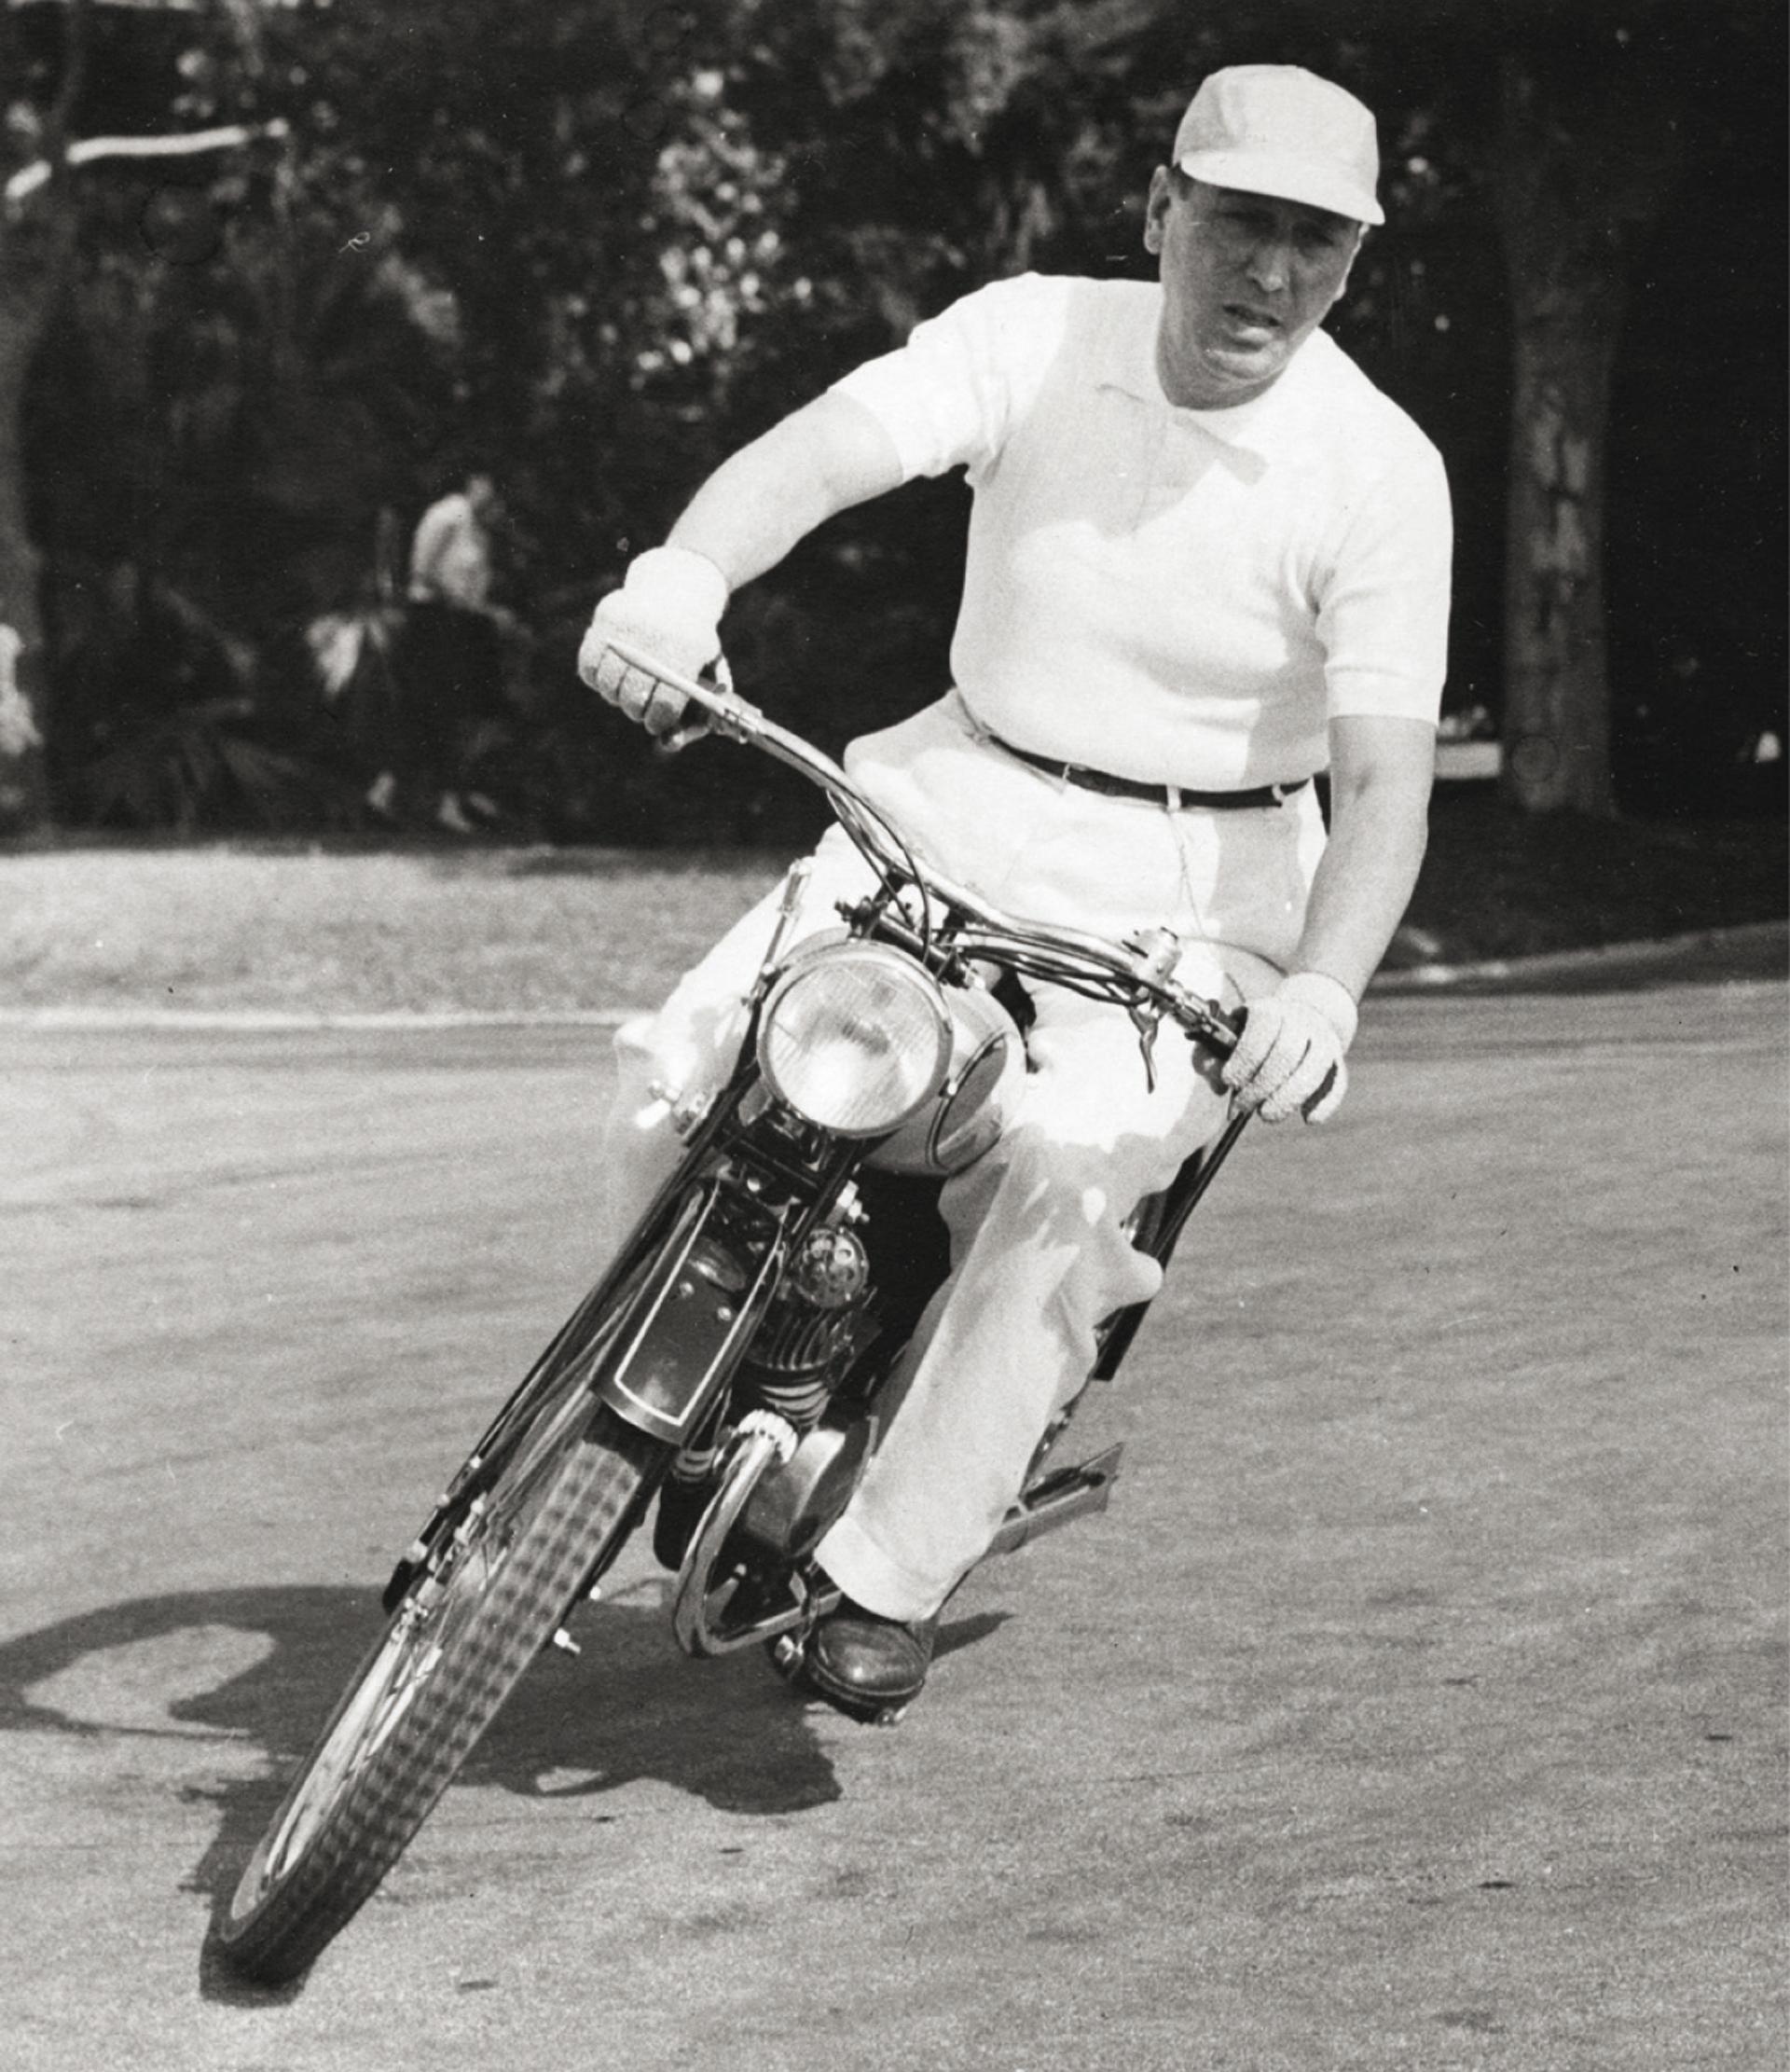 Otra imagen de Perón a bordo de una moto.